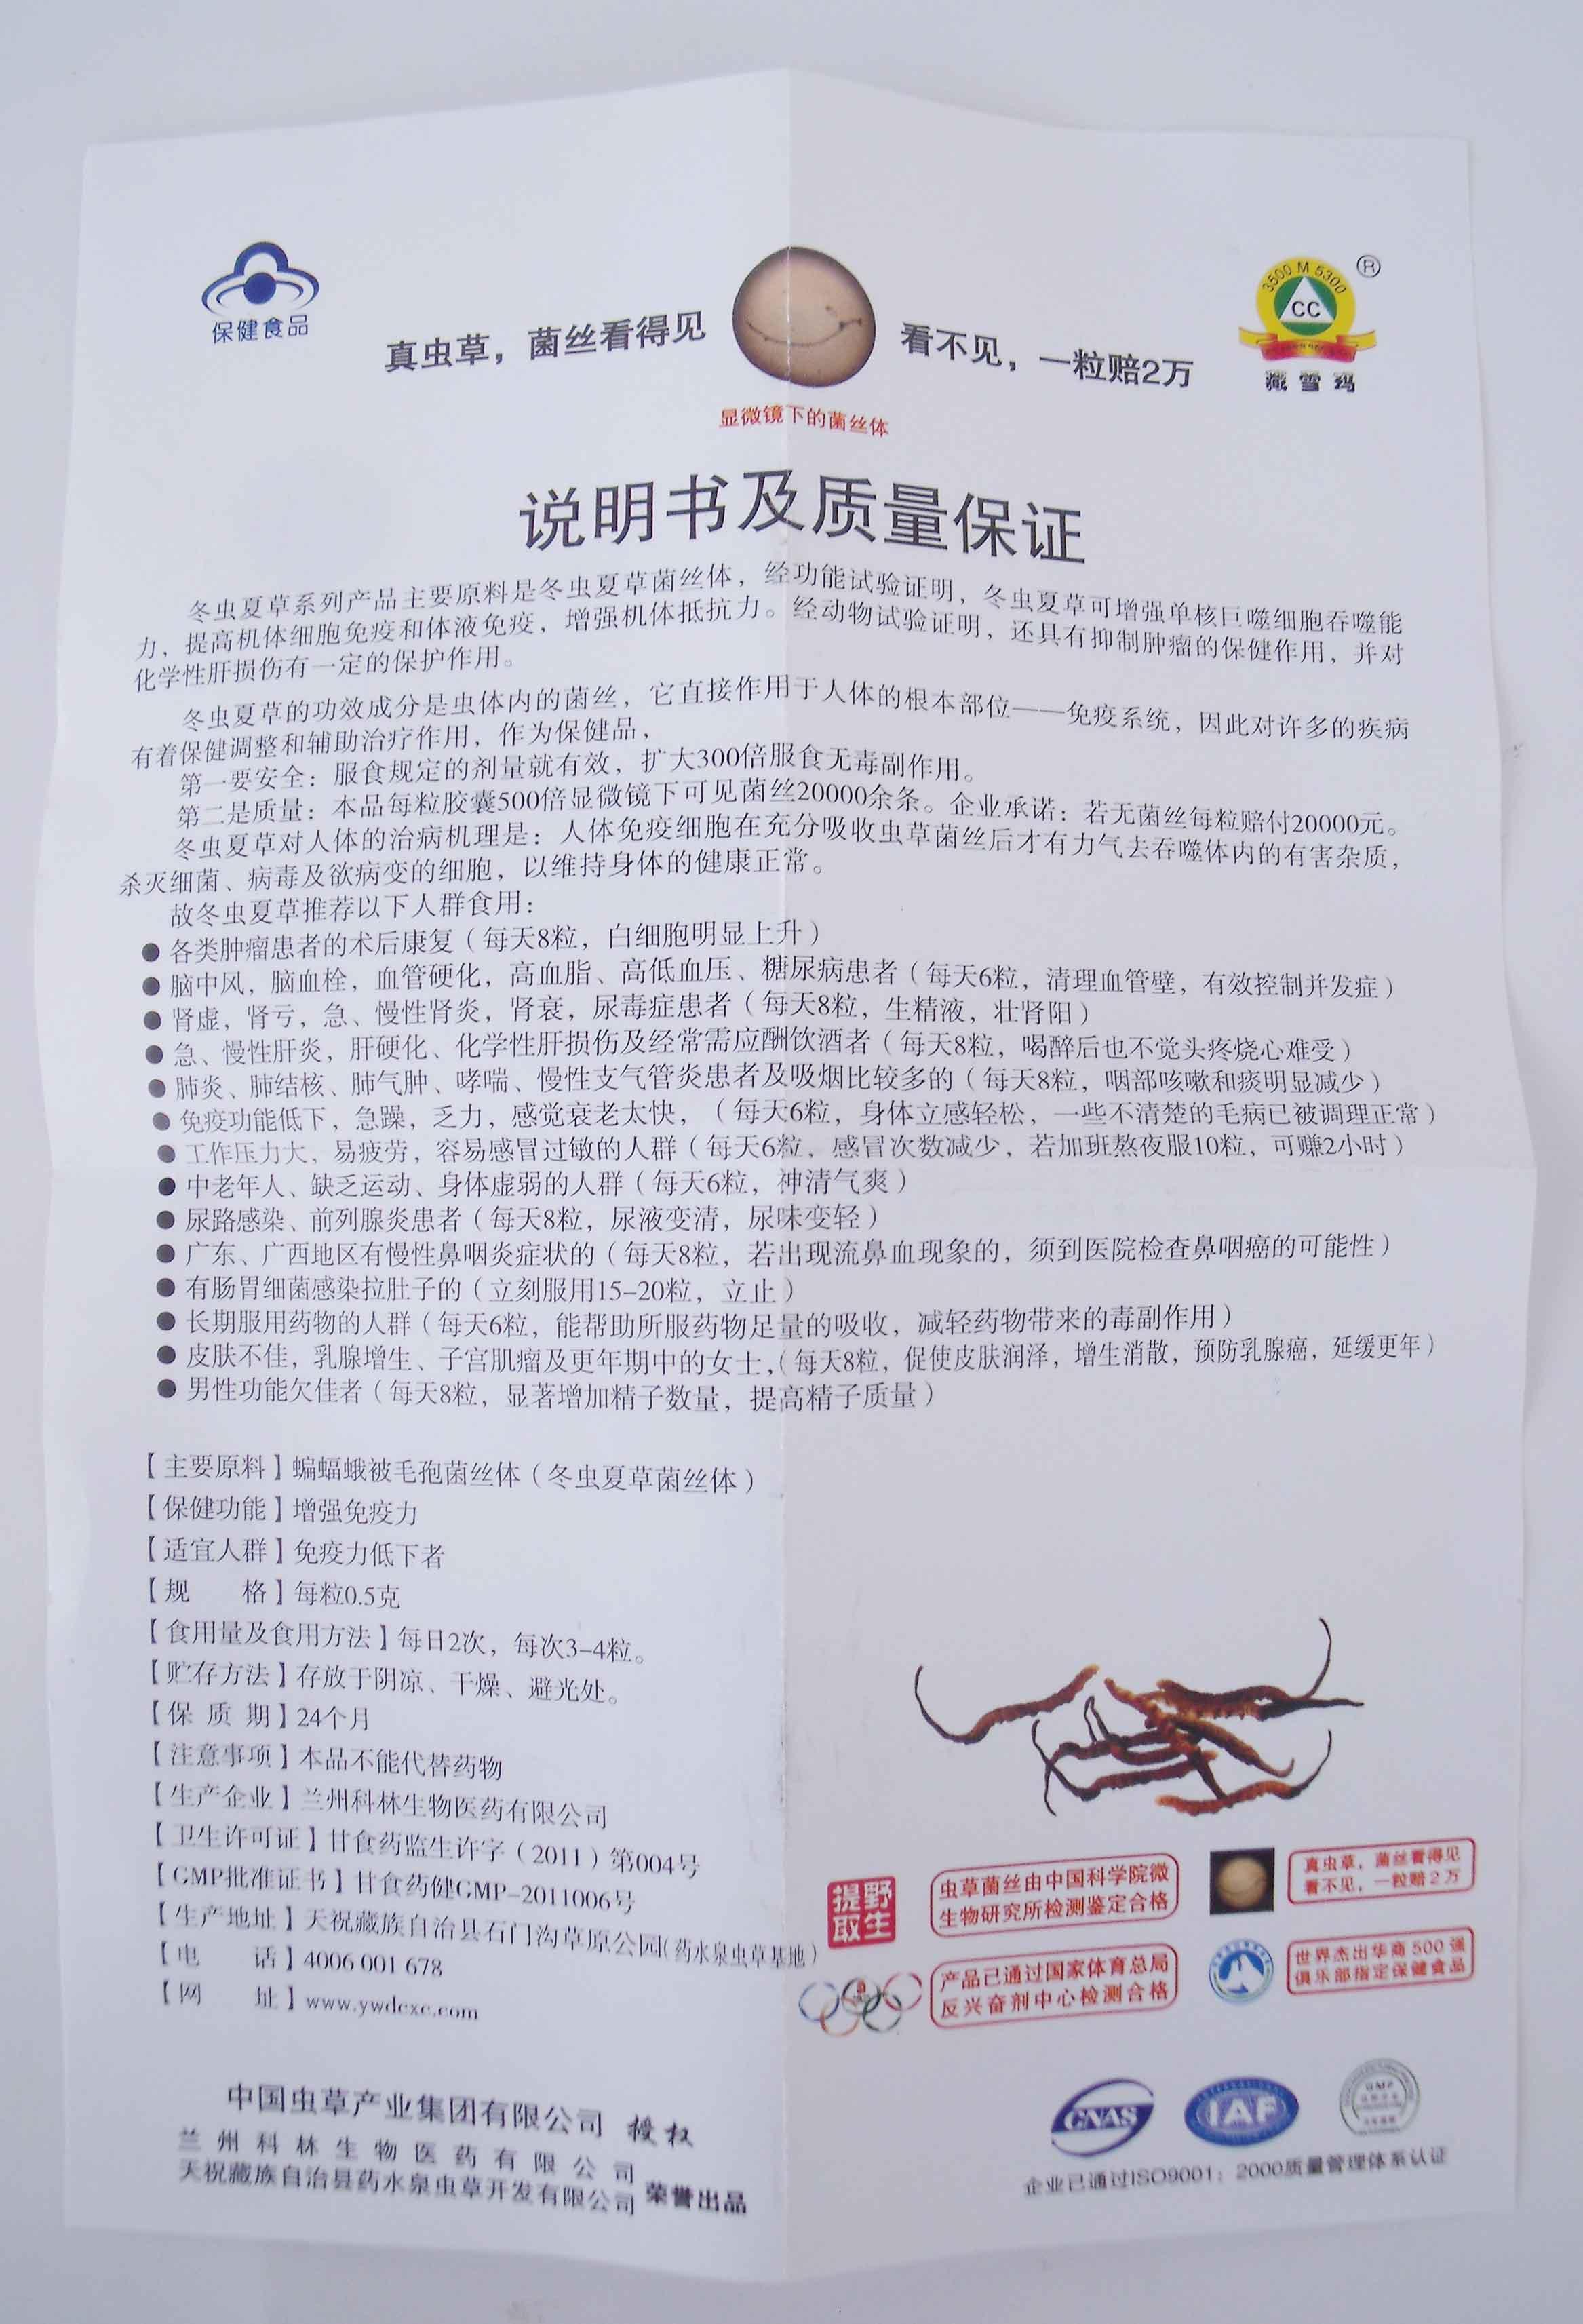 藏雪玛冬虫夏草胶囊_强身至尊(家庭装)100粒产品说明书.jpg